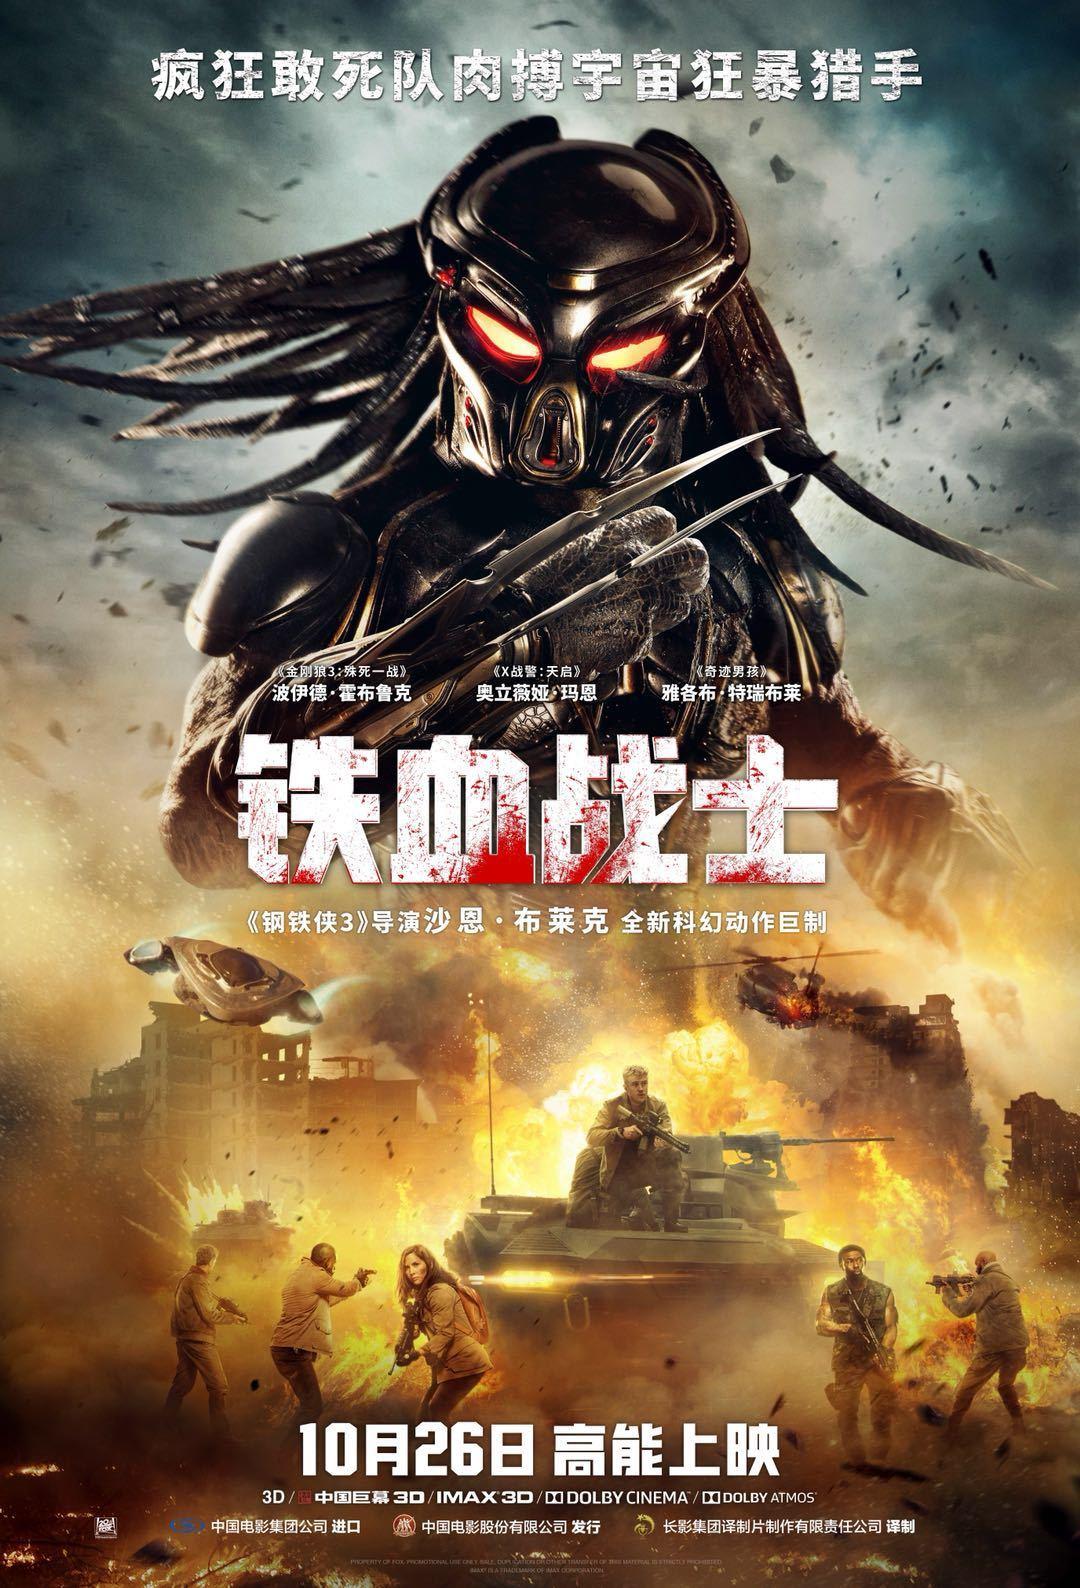 《鐵血戰士》曝角色預告,最瘋戰士叫板最強獵手底氣十足